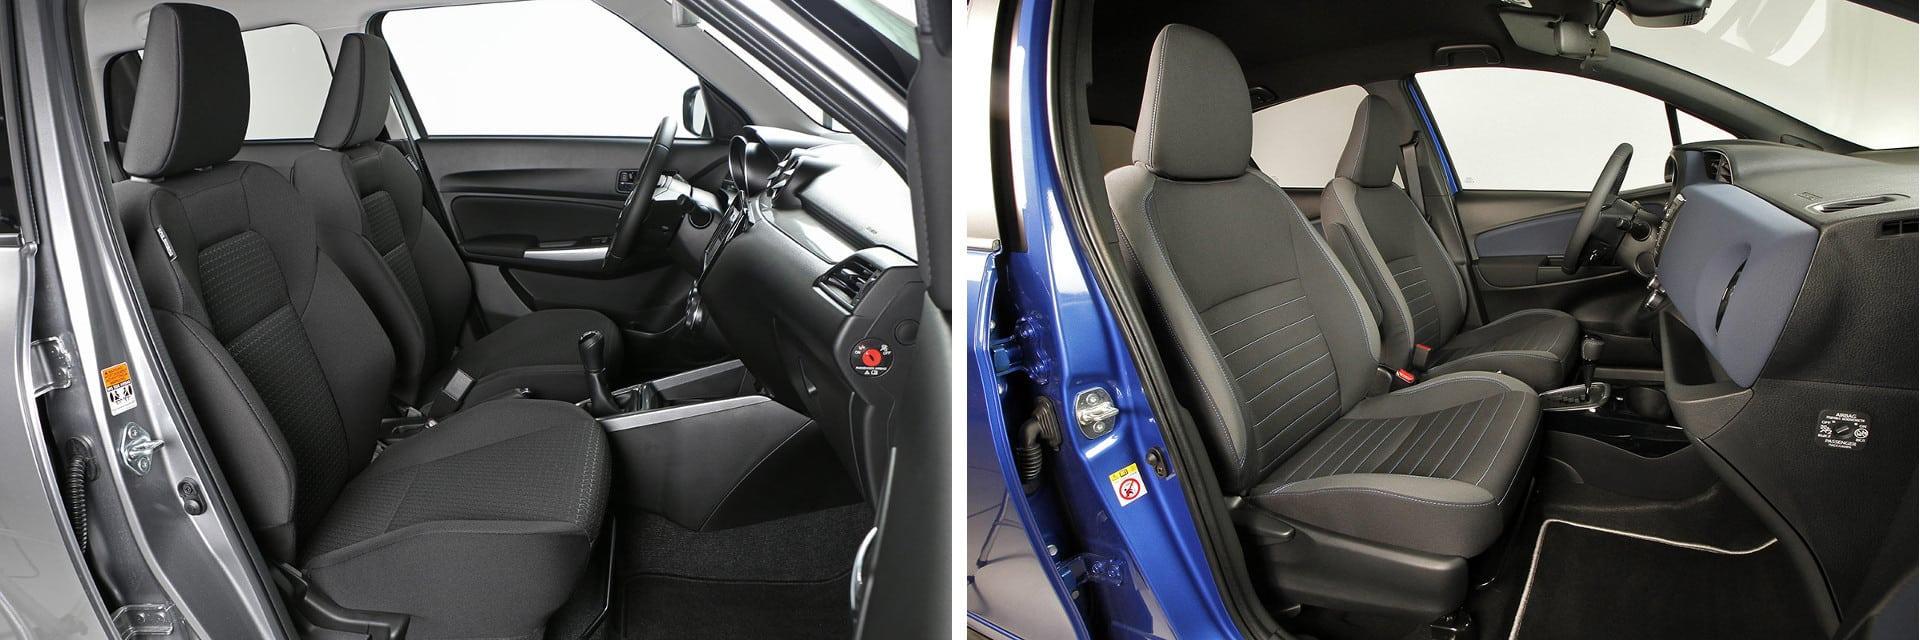 Atendiendo a la caliad de la tela y al mullido, los asientos del Suzuki Swift (izq.) son básicos y no tienen una muy buena sujeción lateral.